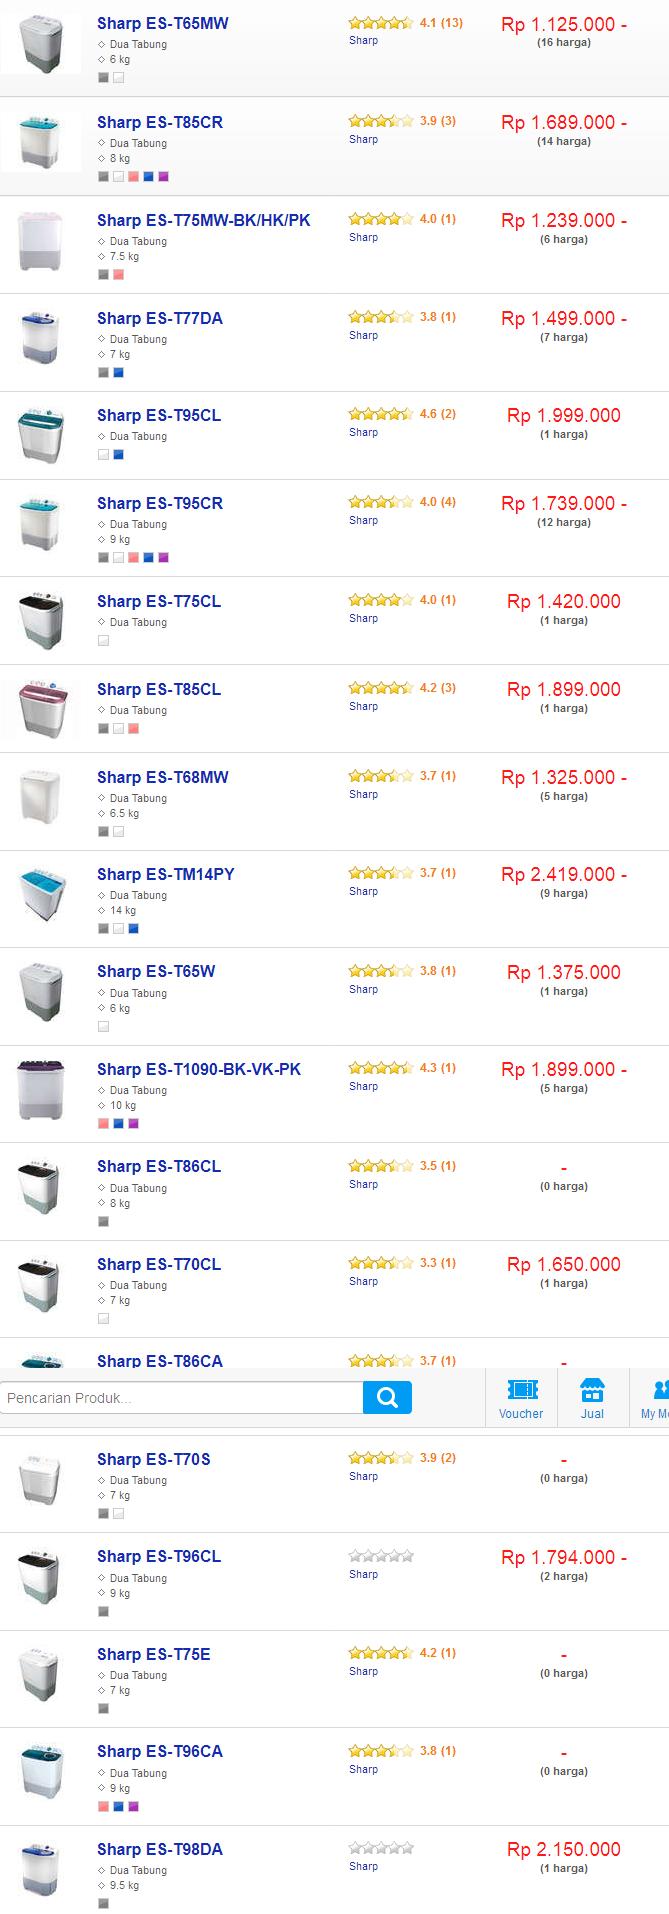 Daftar harga terbaru mesin cuci LG 2 tabung